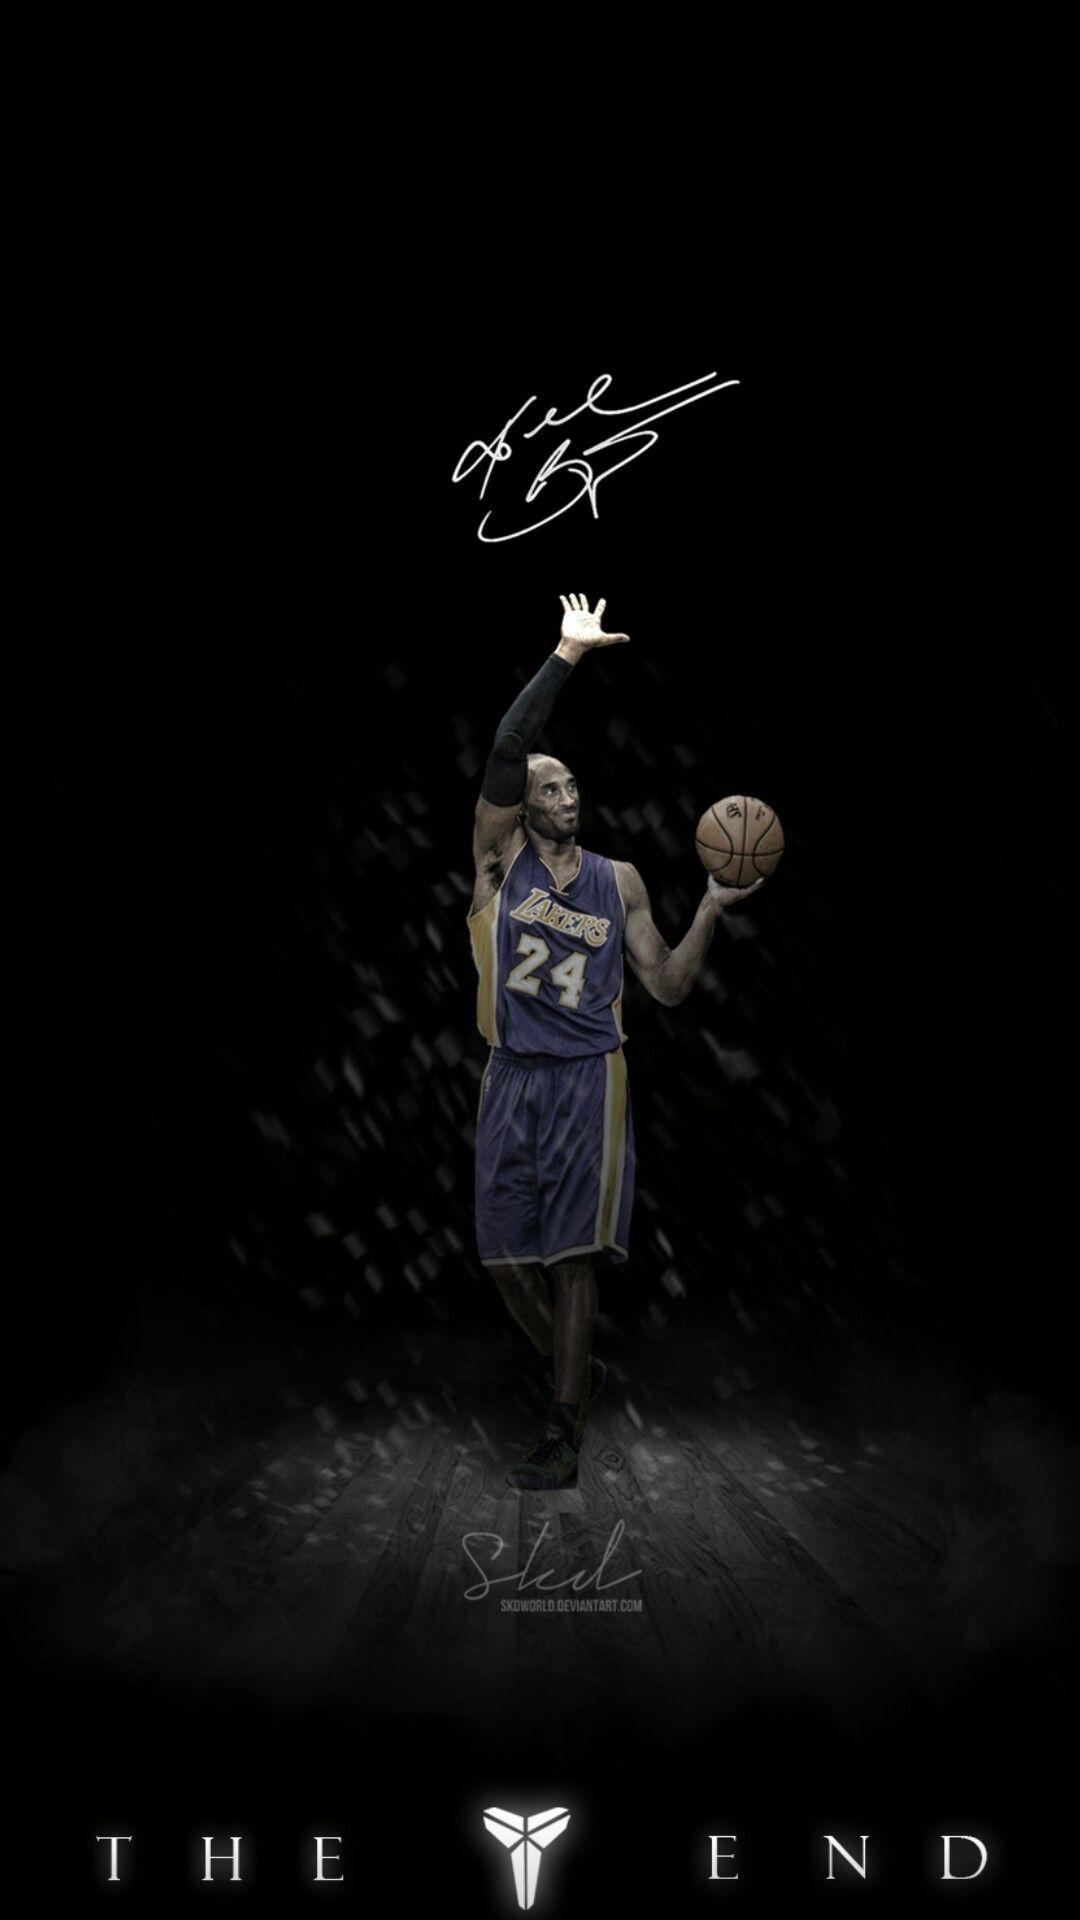 The End Kobe Bryant Wallpaper Kobe Bryant Pictures Kobe Bryant